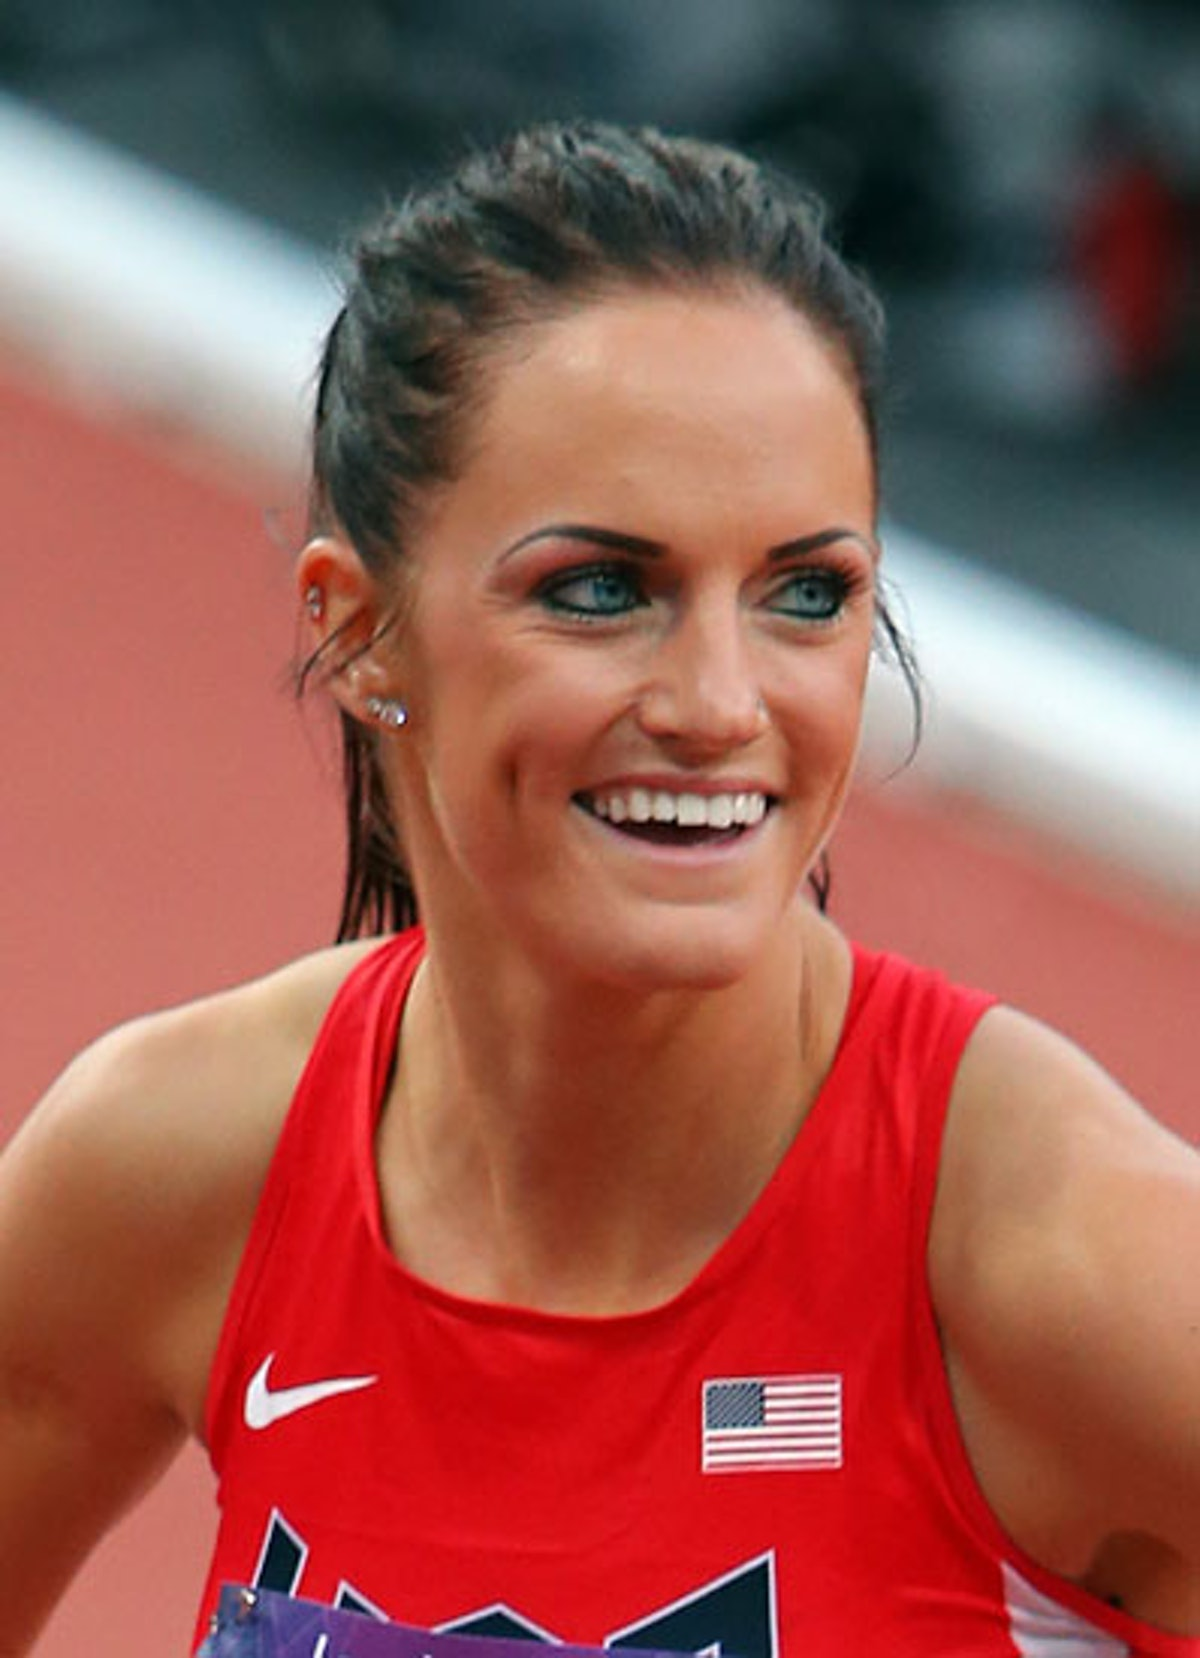 bess-olympic-beauty-05-v.jpg